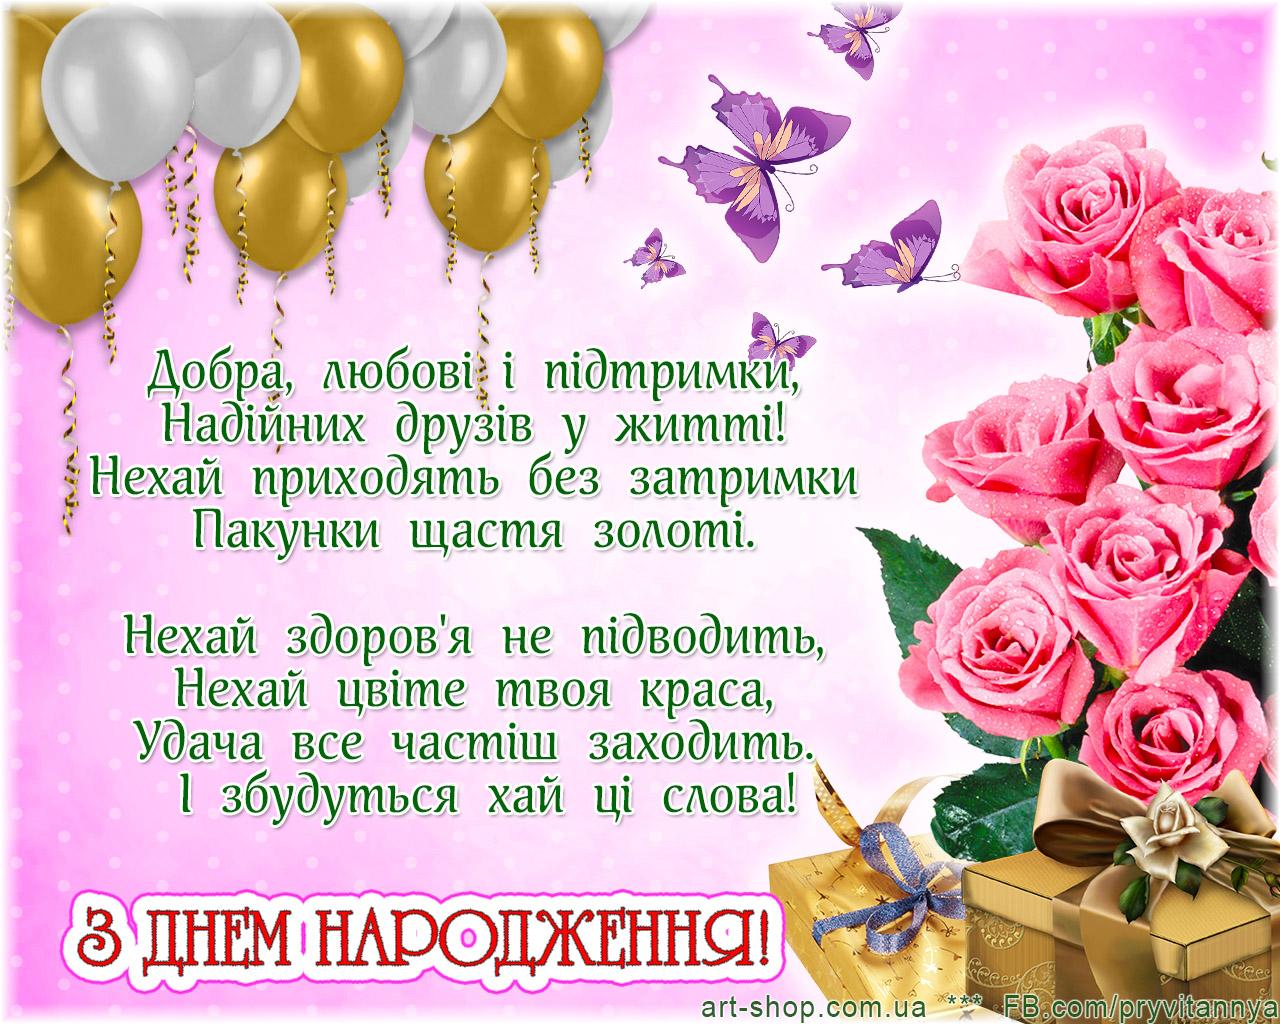 Красивые поздравления с юбилеем на украинском6